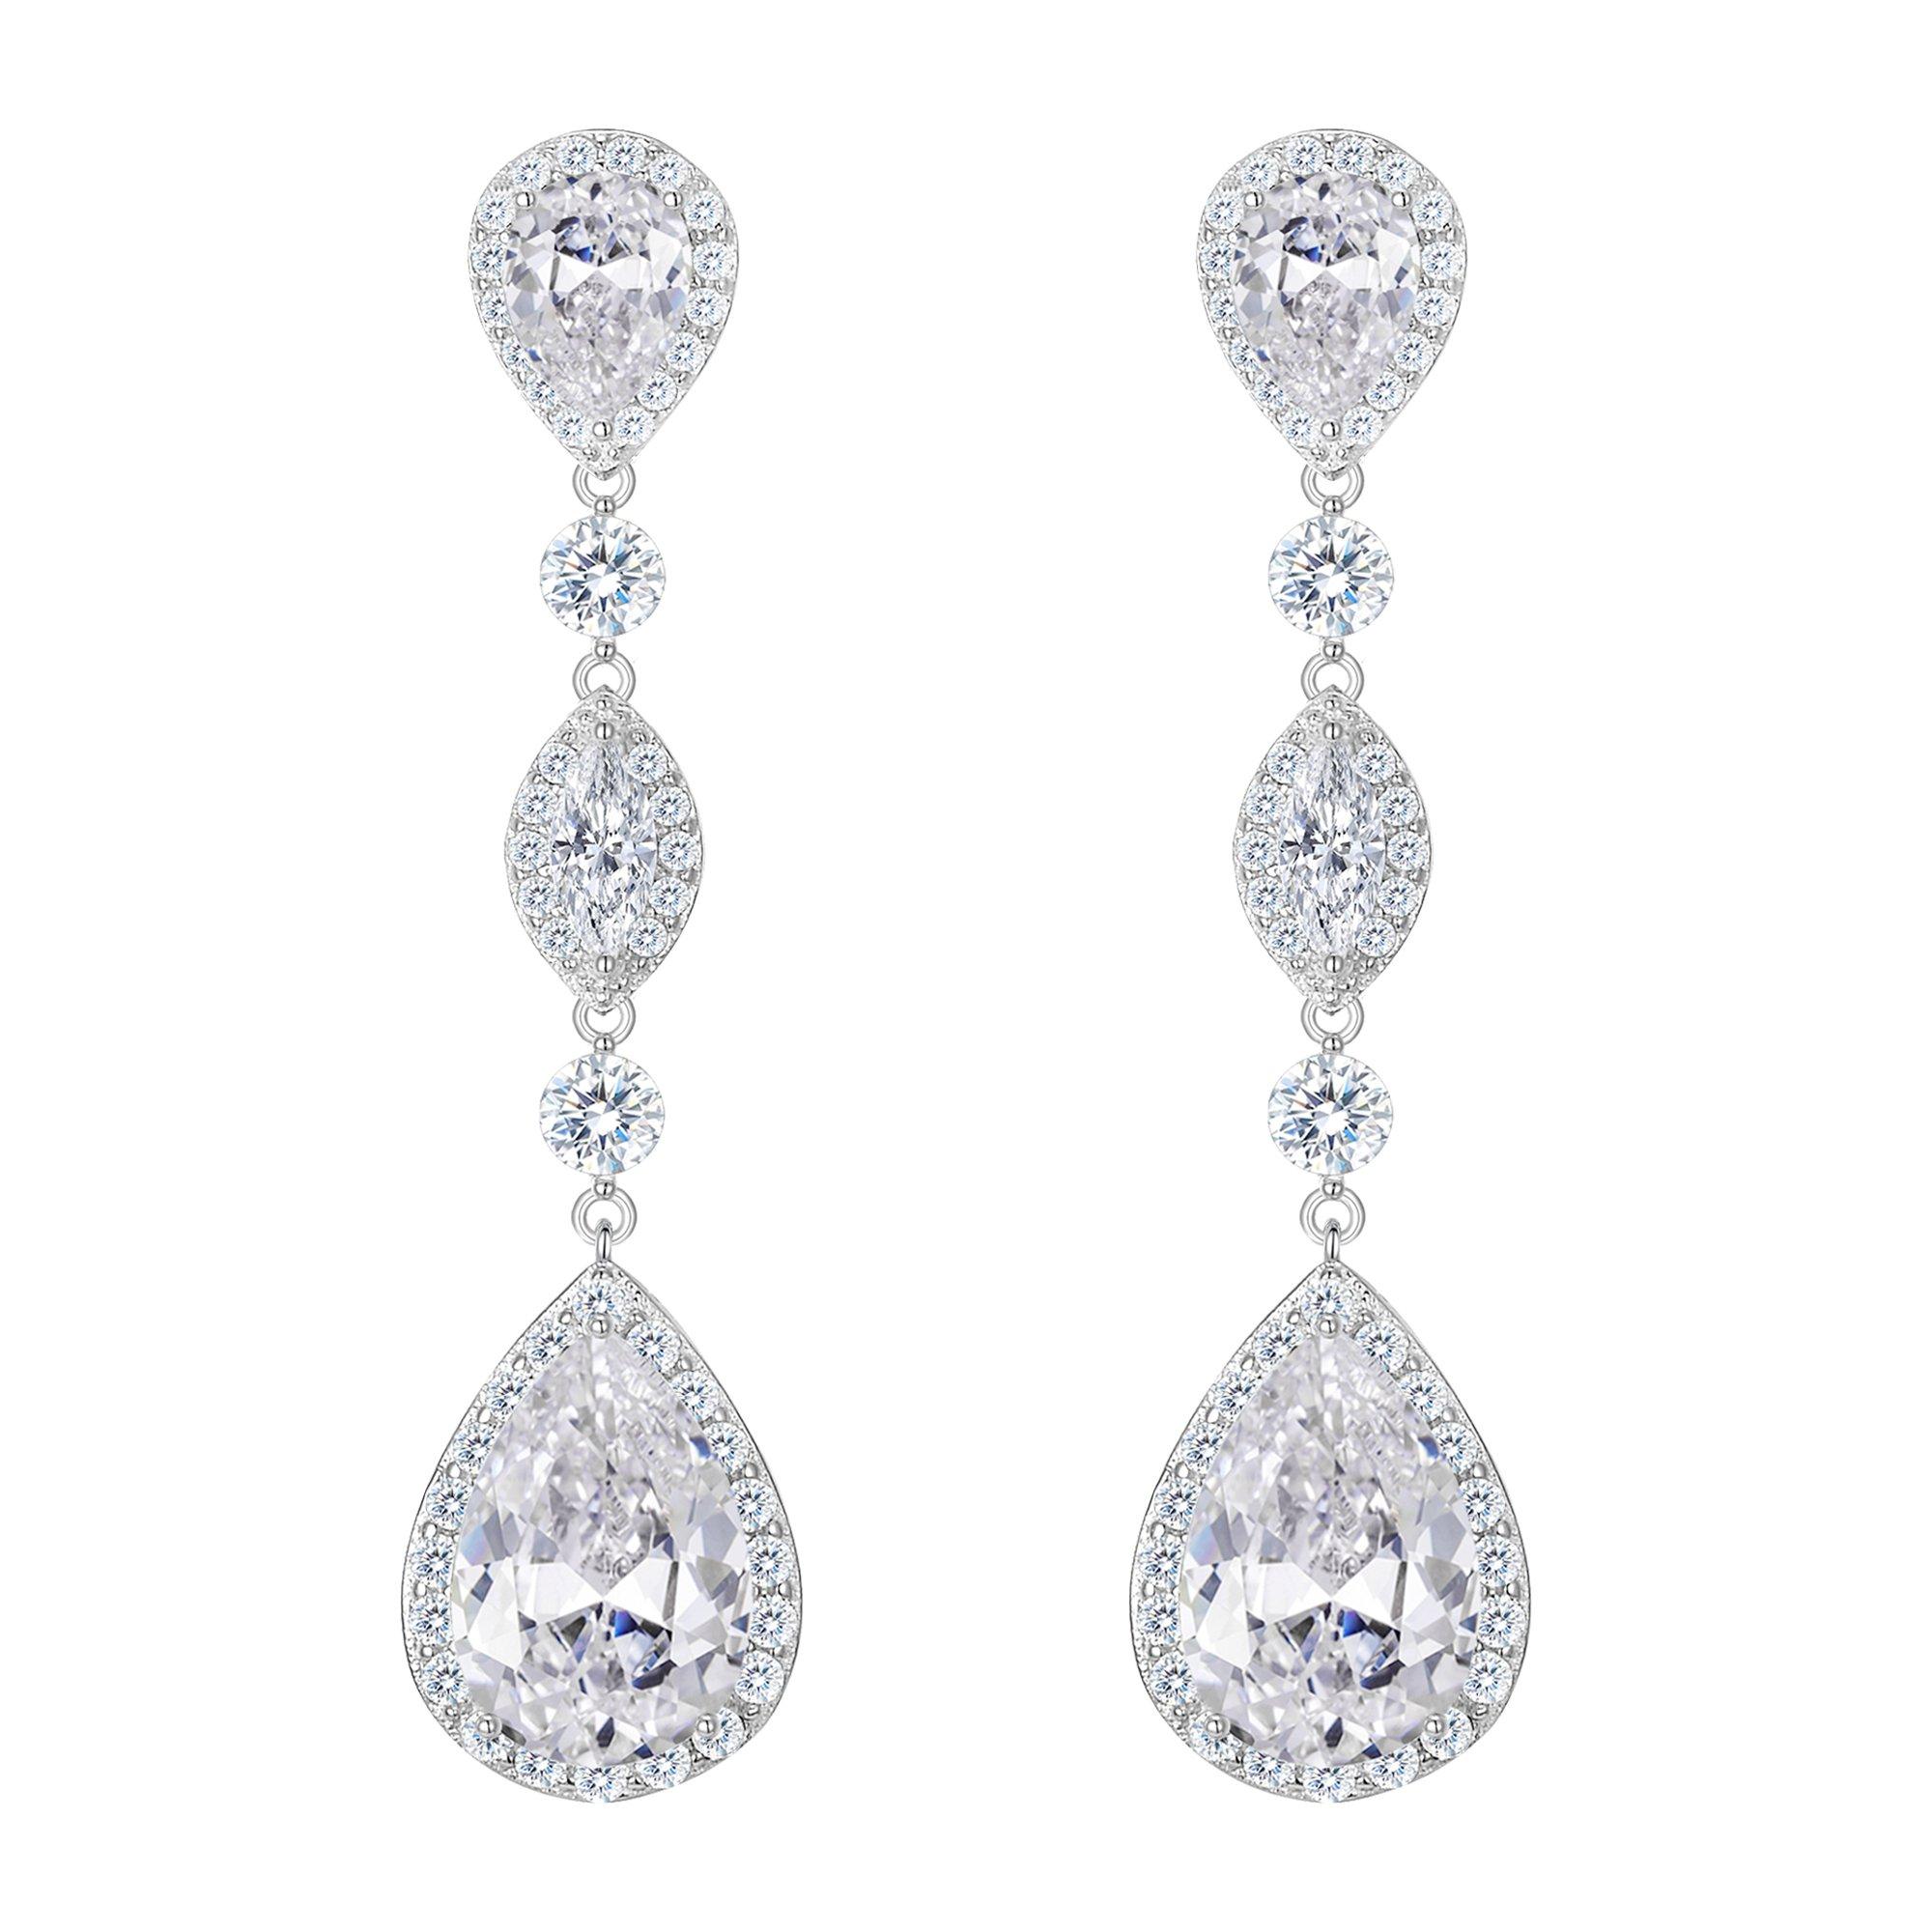 FANZE Women's Full Prong Cubic Zirconia Teardrop Pear Shape Pierced Dangle Wedding Earrings Silver-Tone